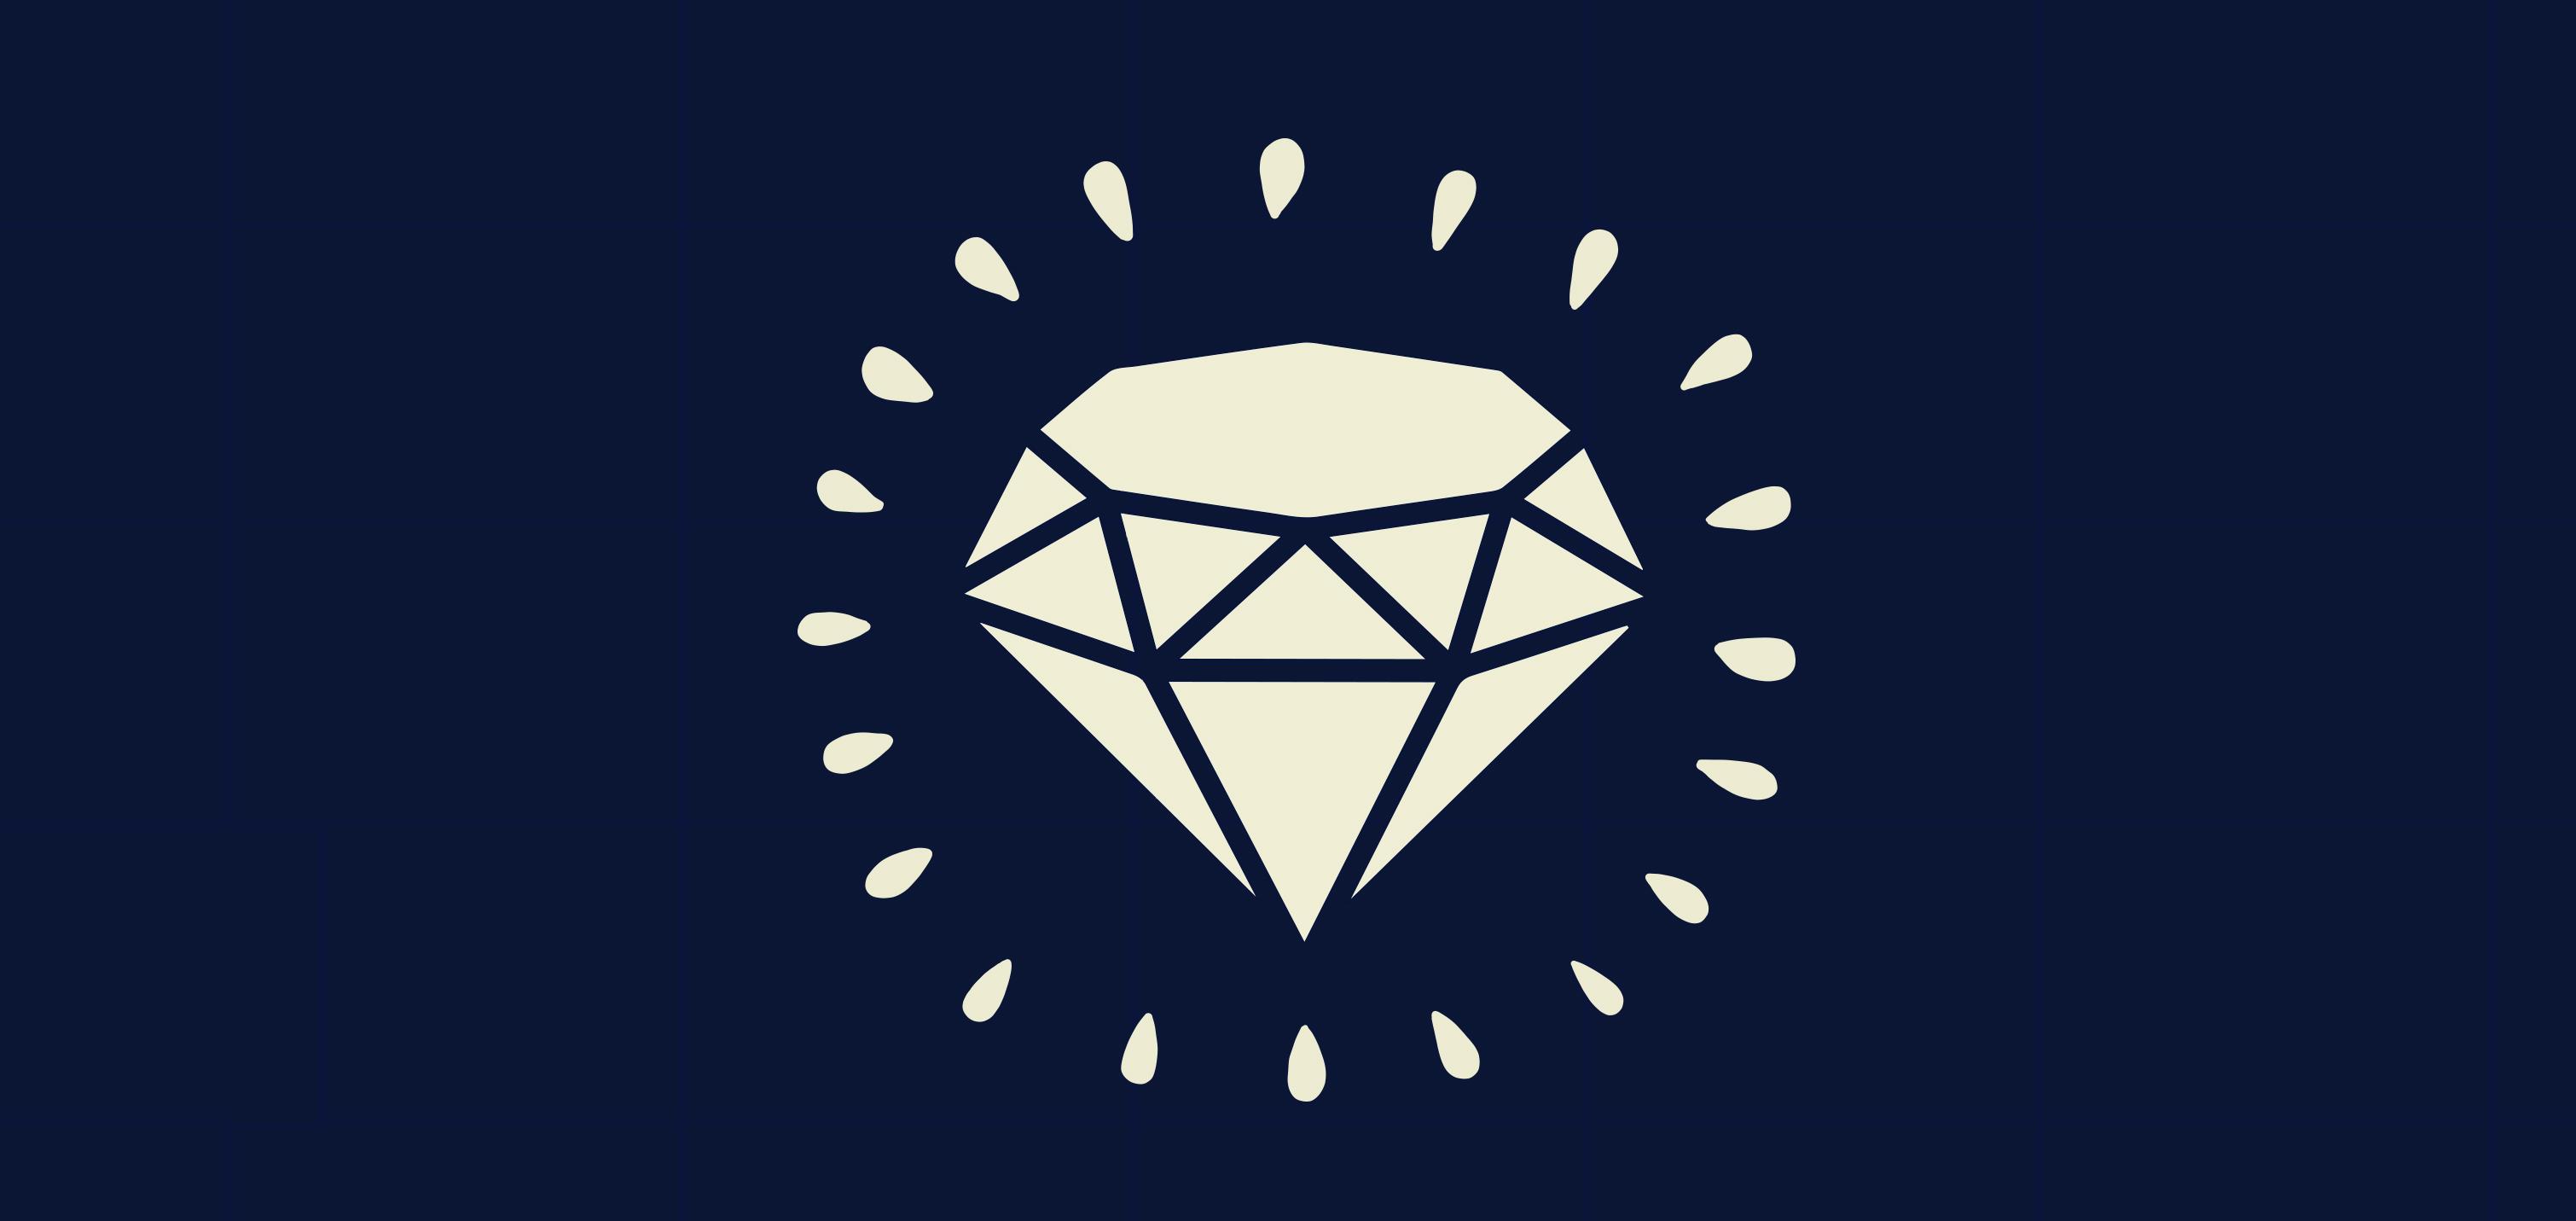 beards-diamonds